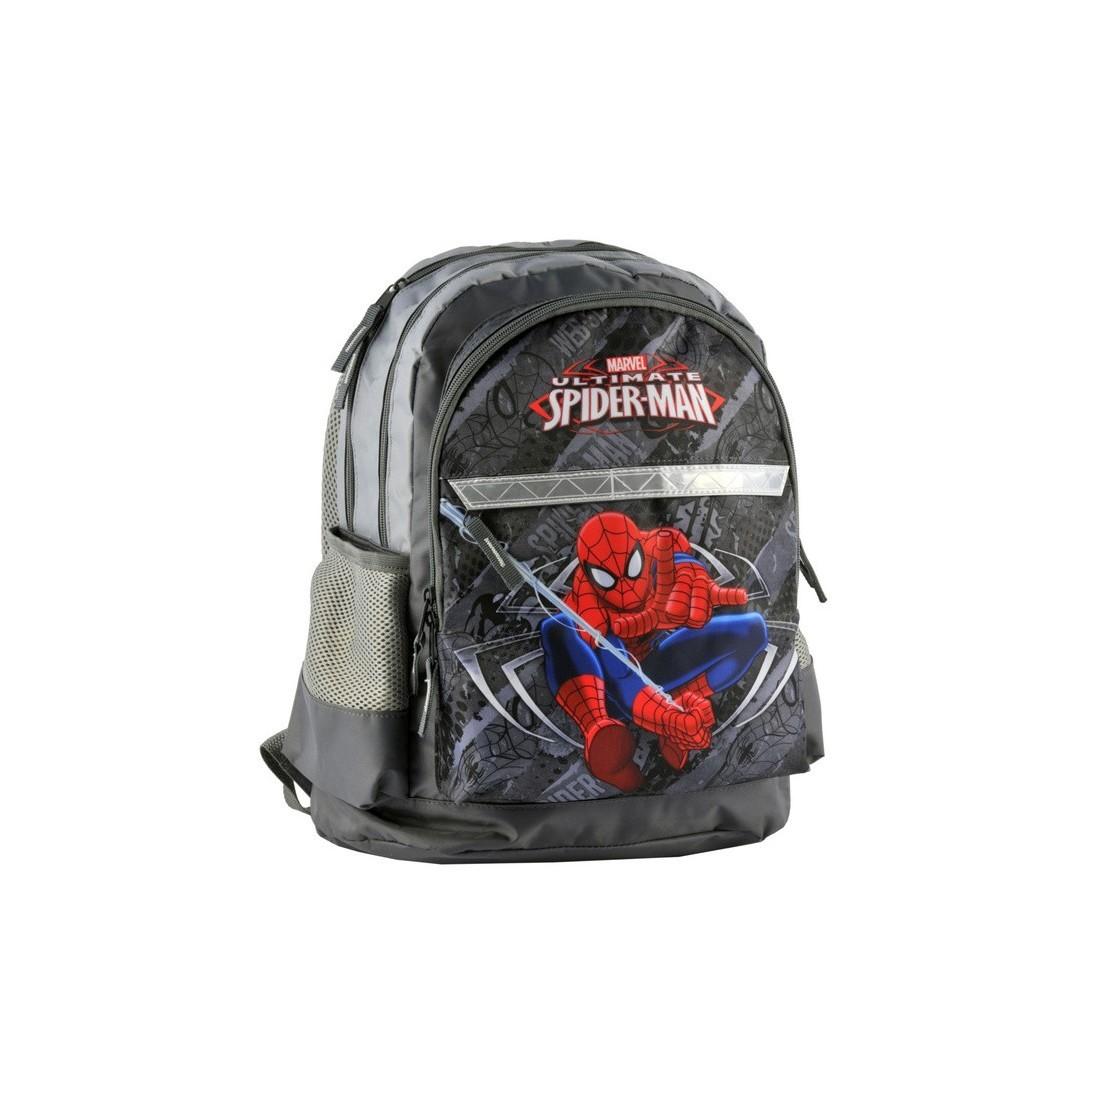 Plecak szkolny Spider-Man szary - plecak-tornister.pl